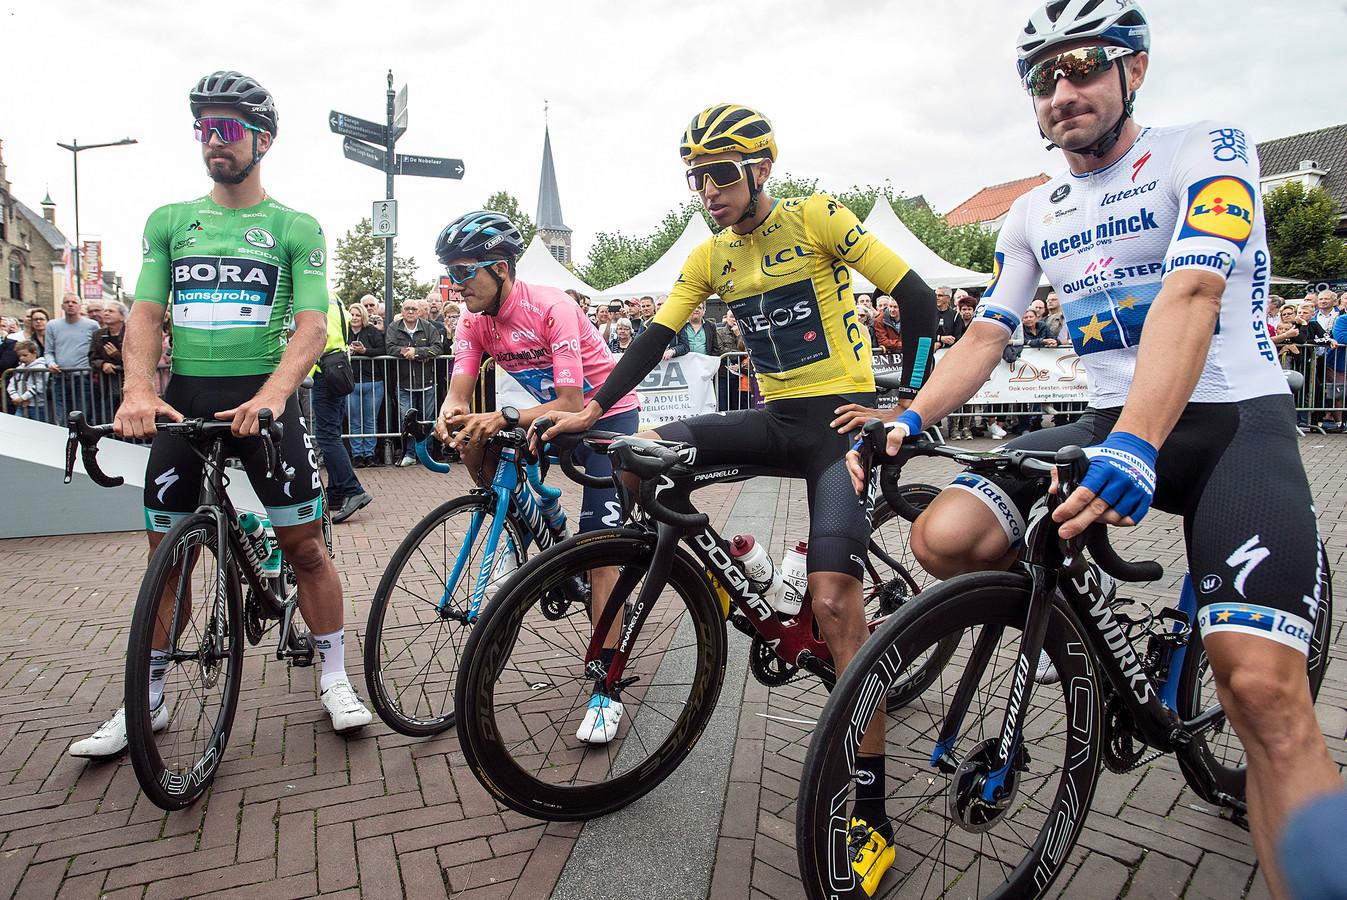 Richard Carapaz in zijn roze trui aan de start in Etten-Leur tussen vlnr Peter Sagan, Egan Bernal en Elia Viviani. Zonder dat zijn ploeg Movistar het wist, aldus El Periodico.